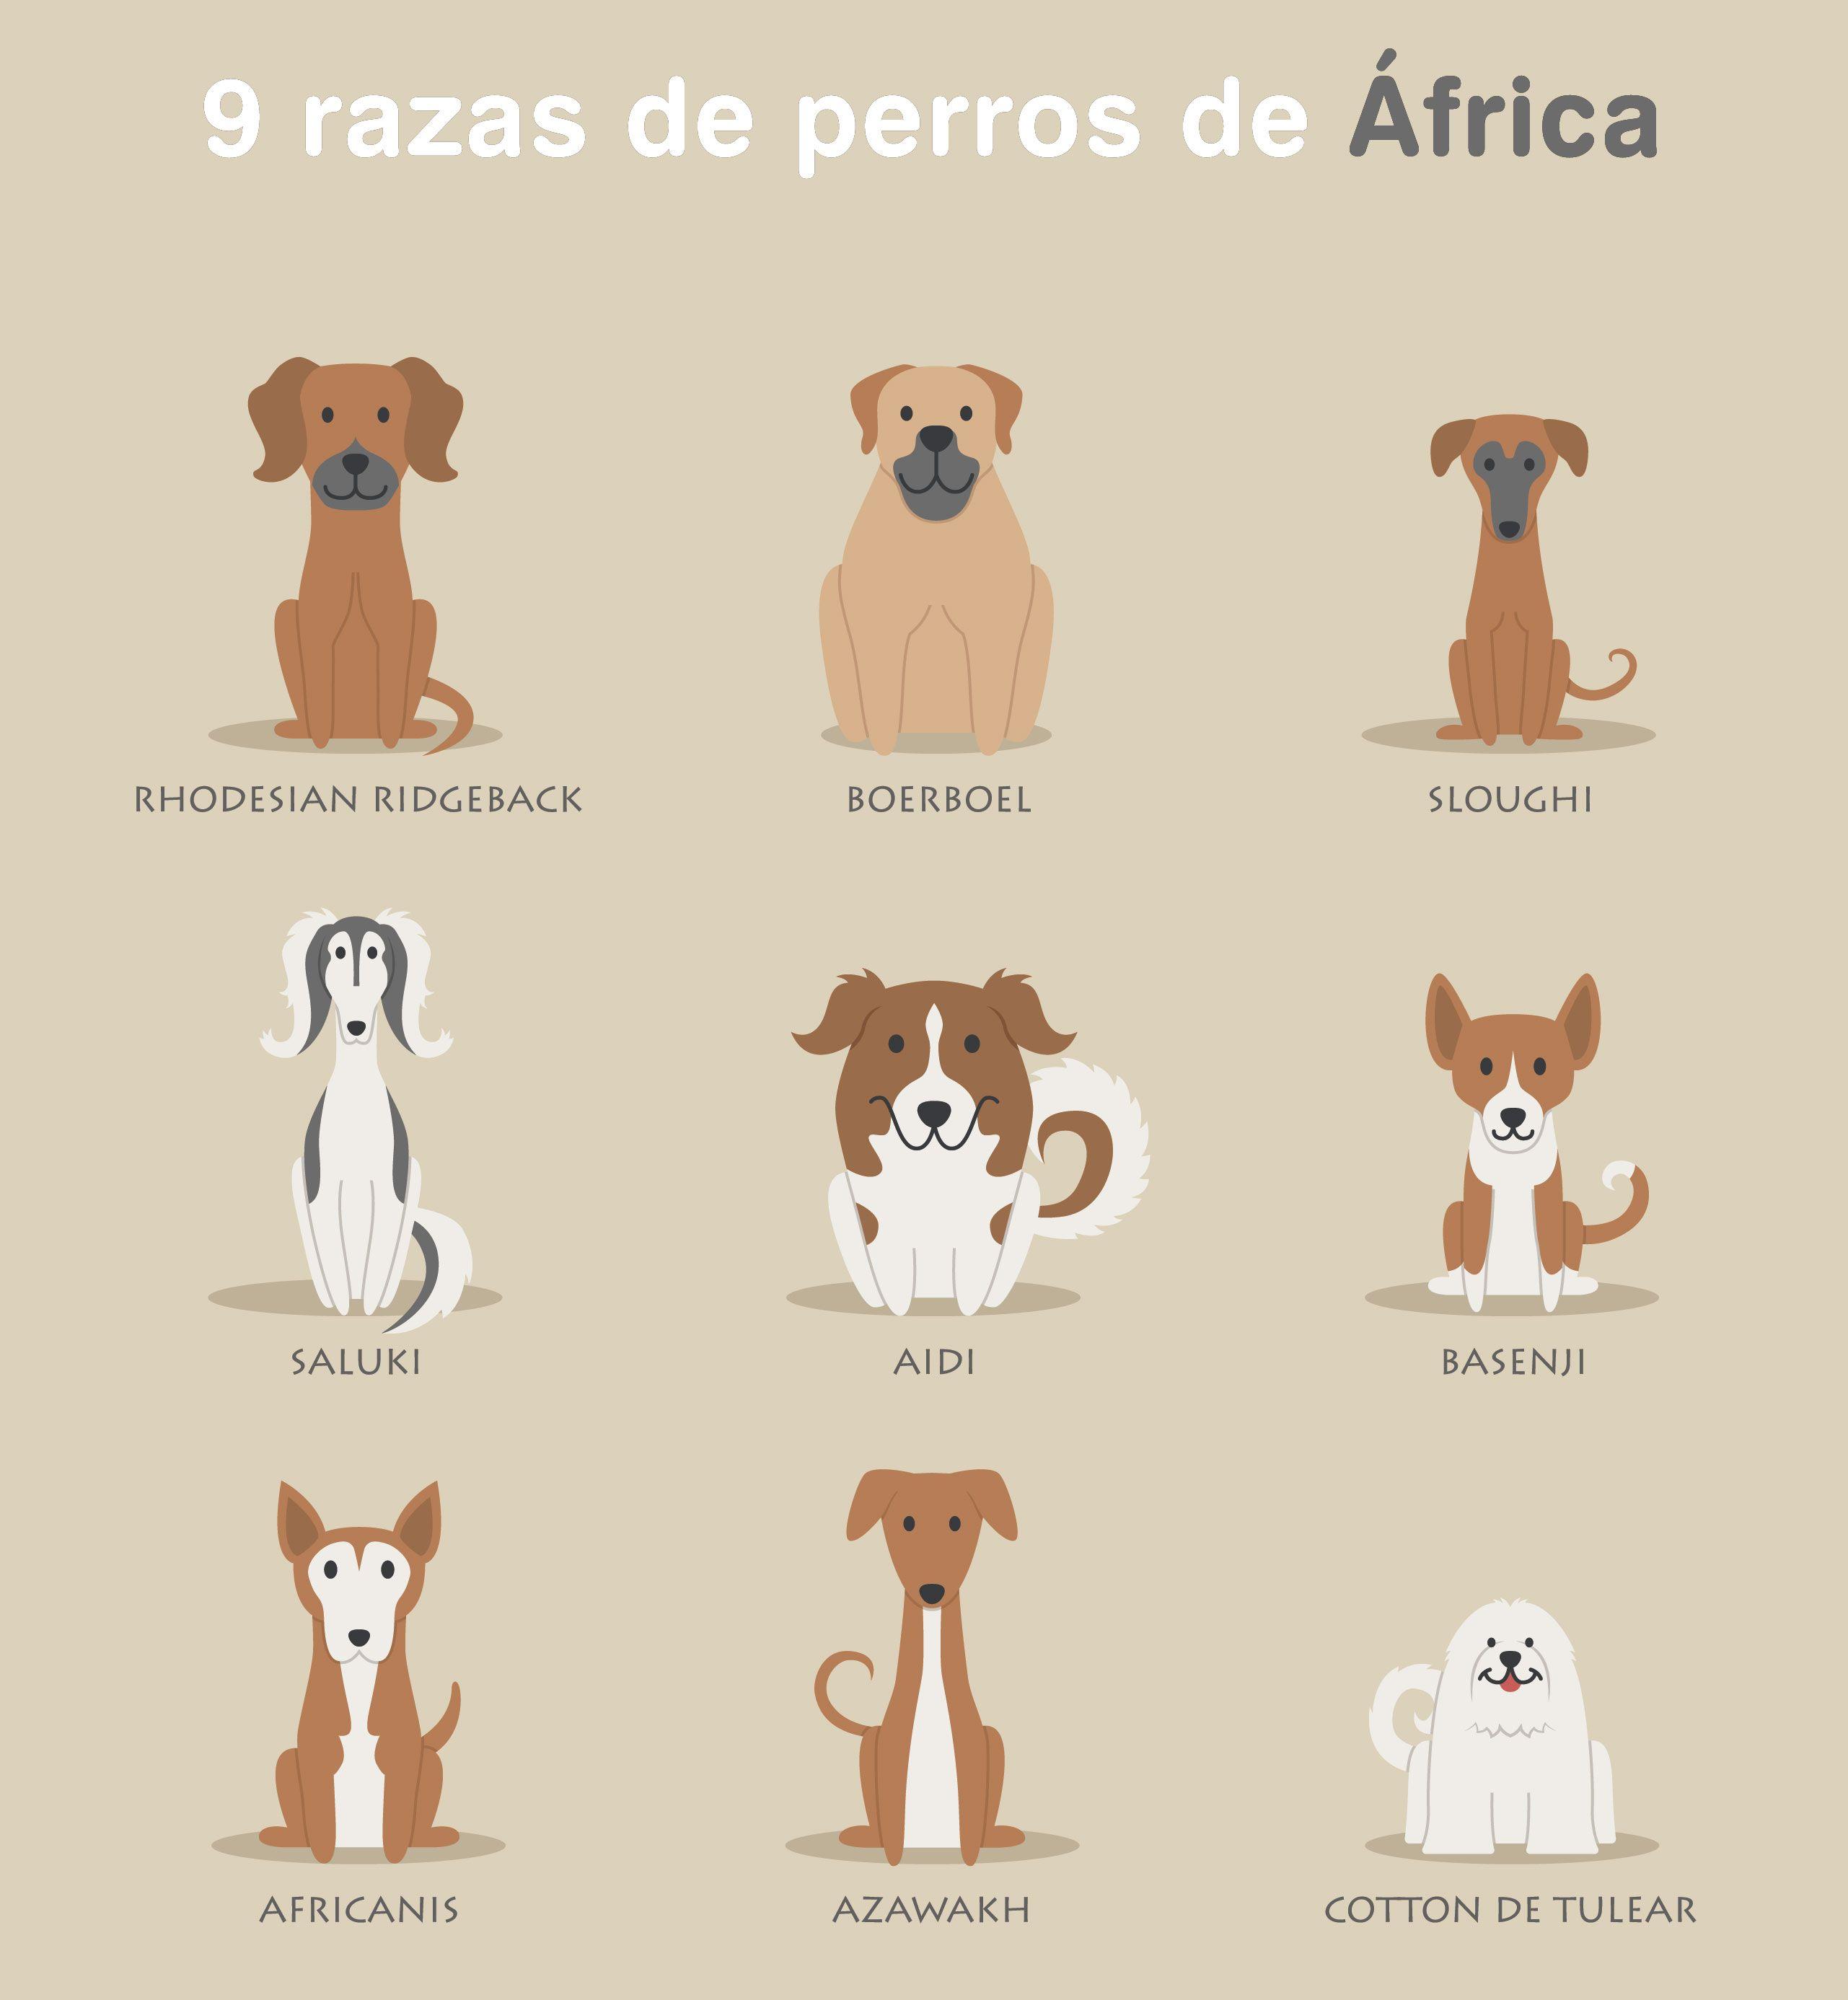 9 razas de perros de África